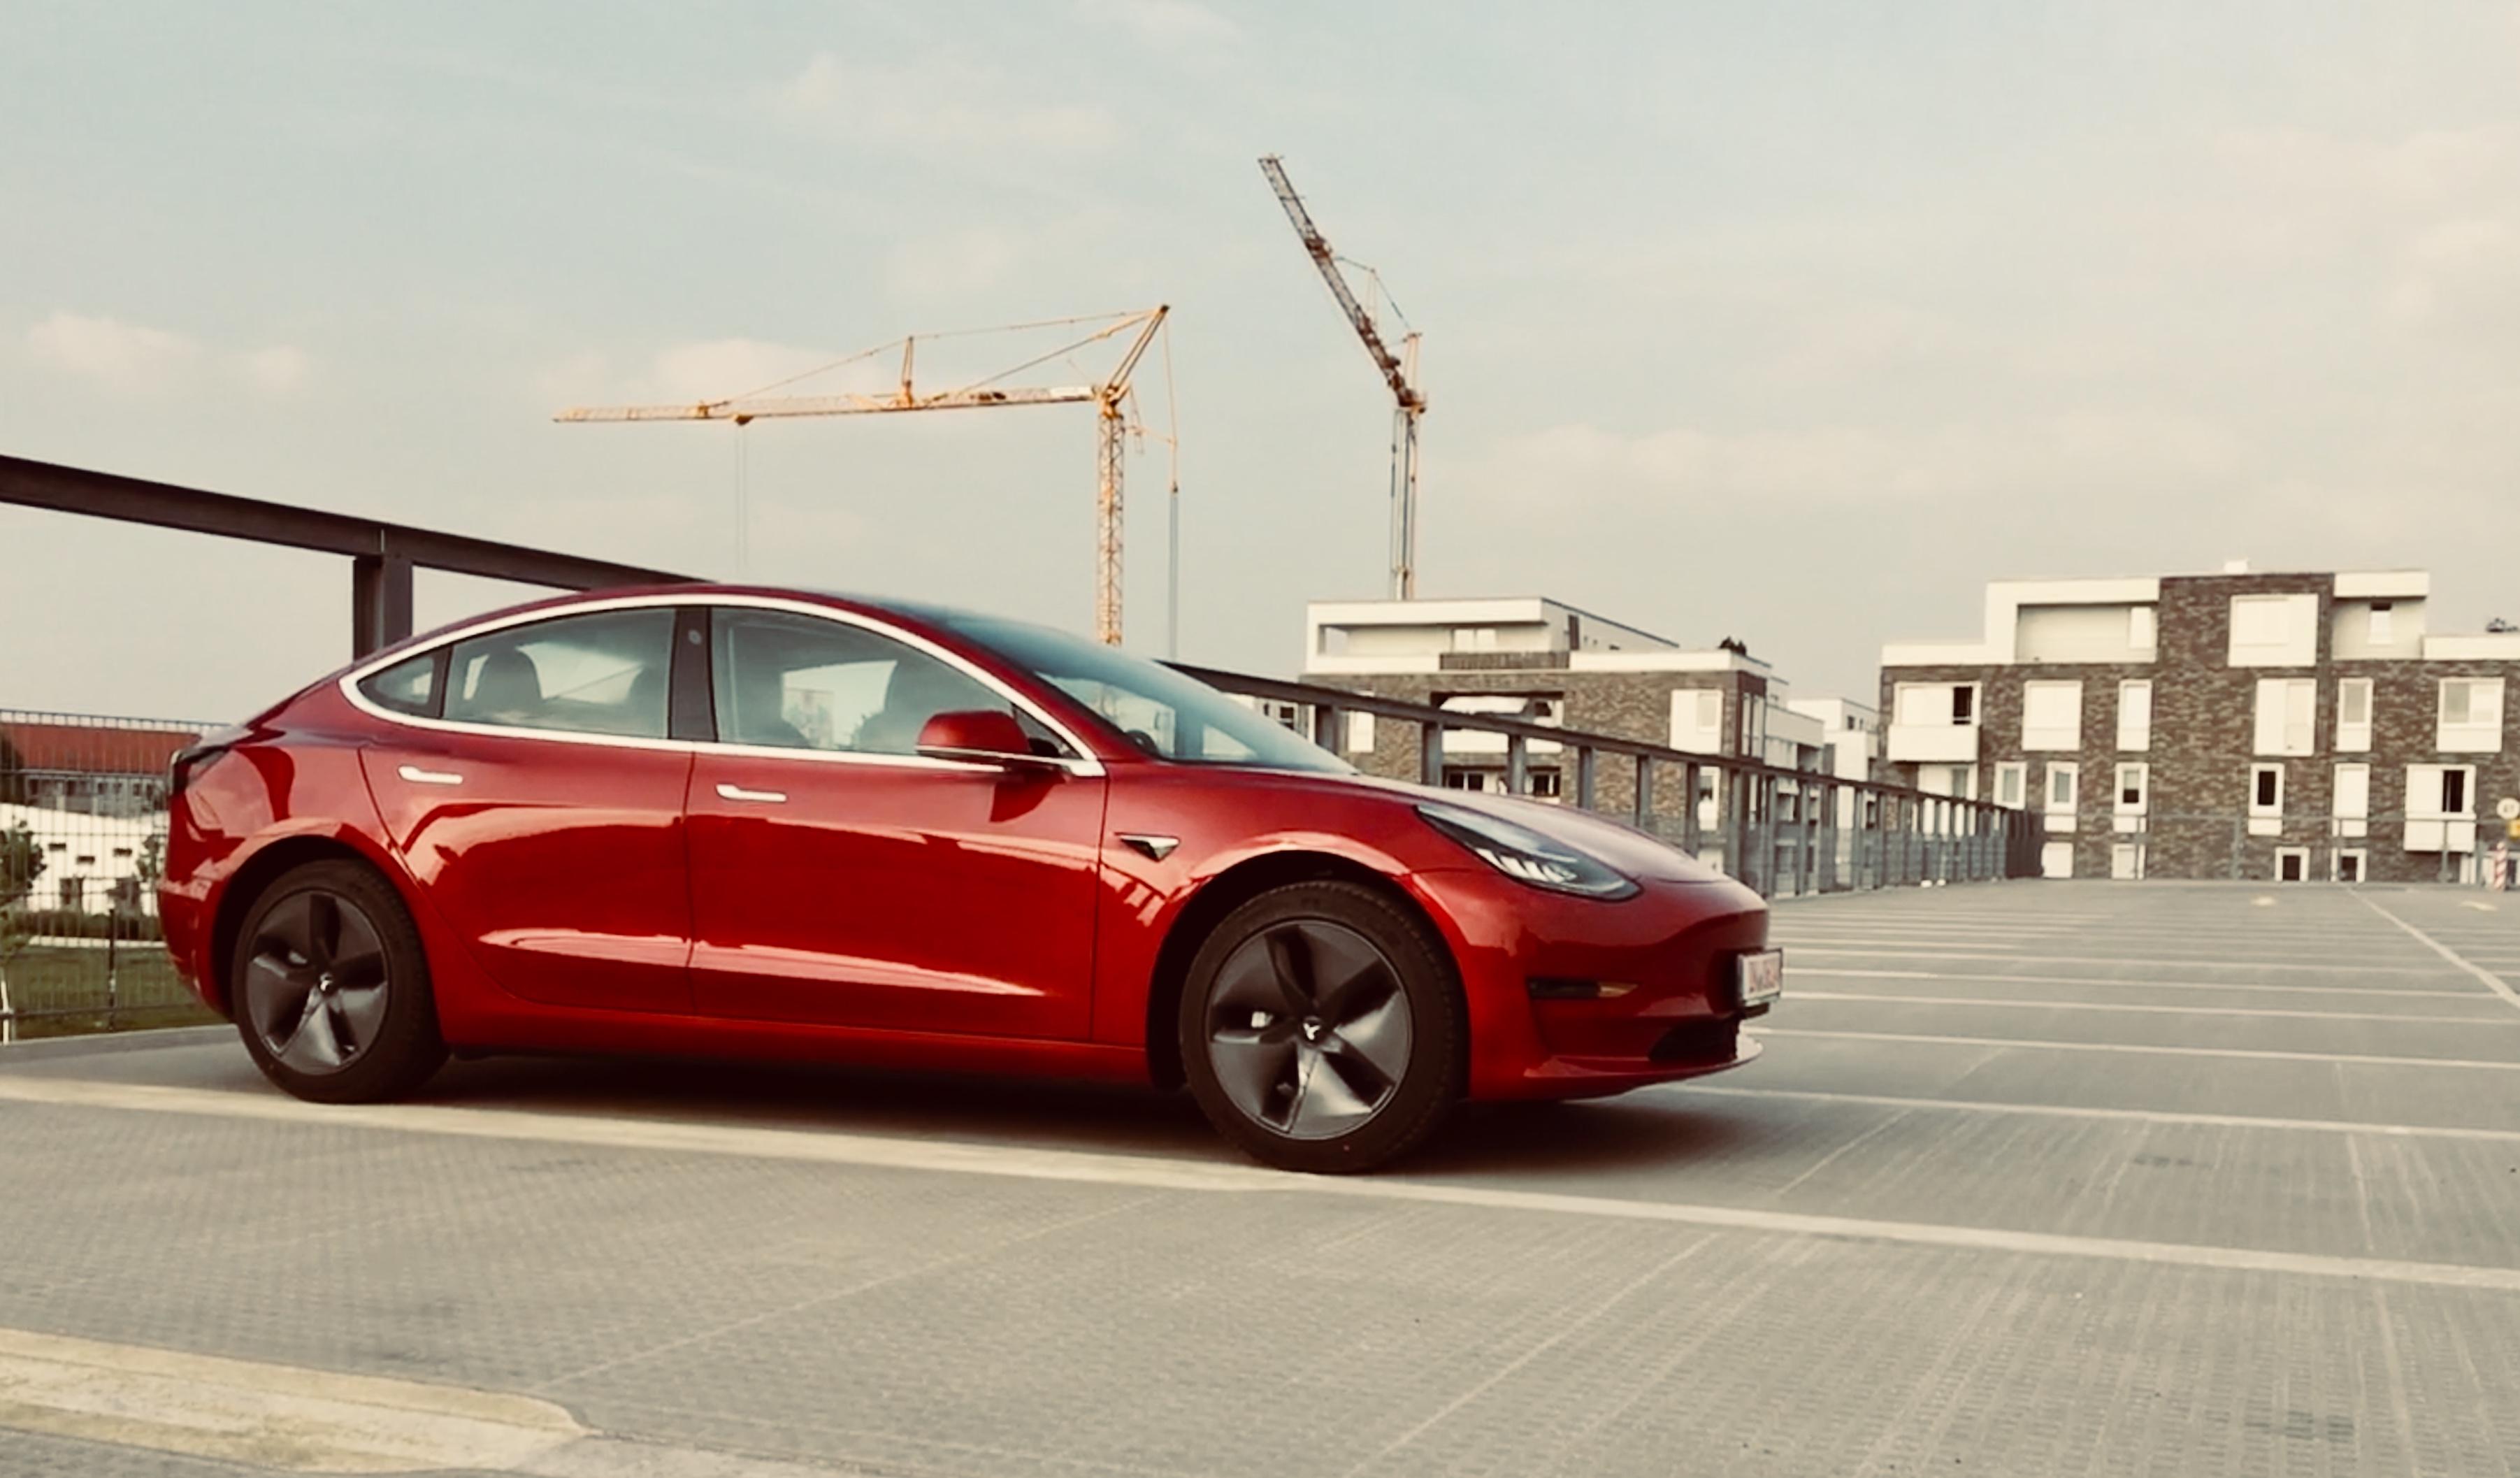 www.nextmove.de Tesla Model 3 Parkplatz